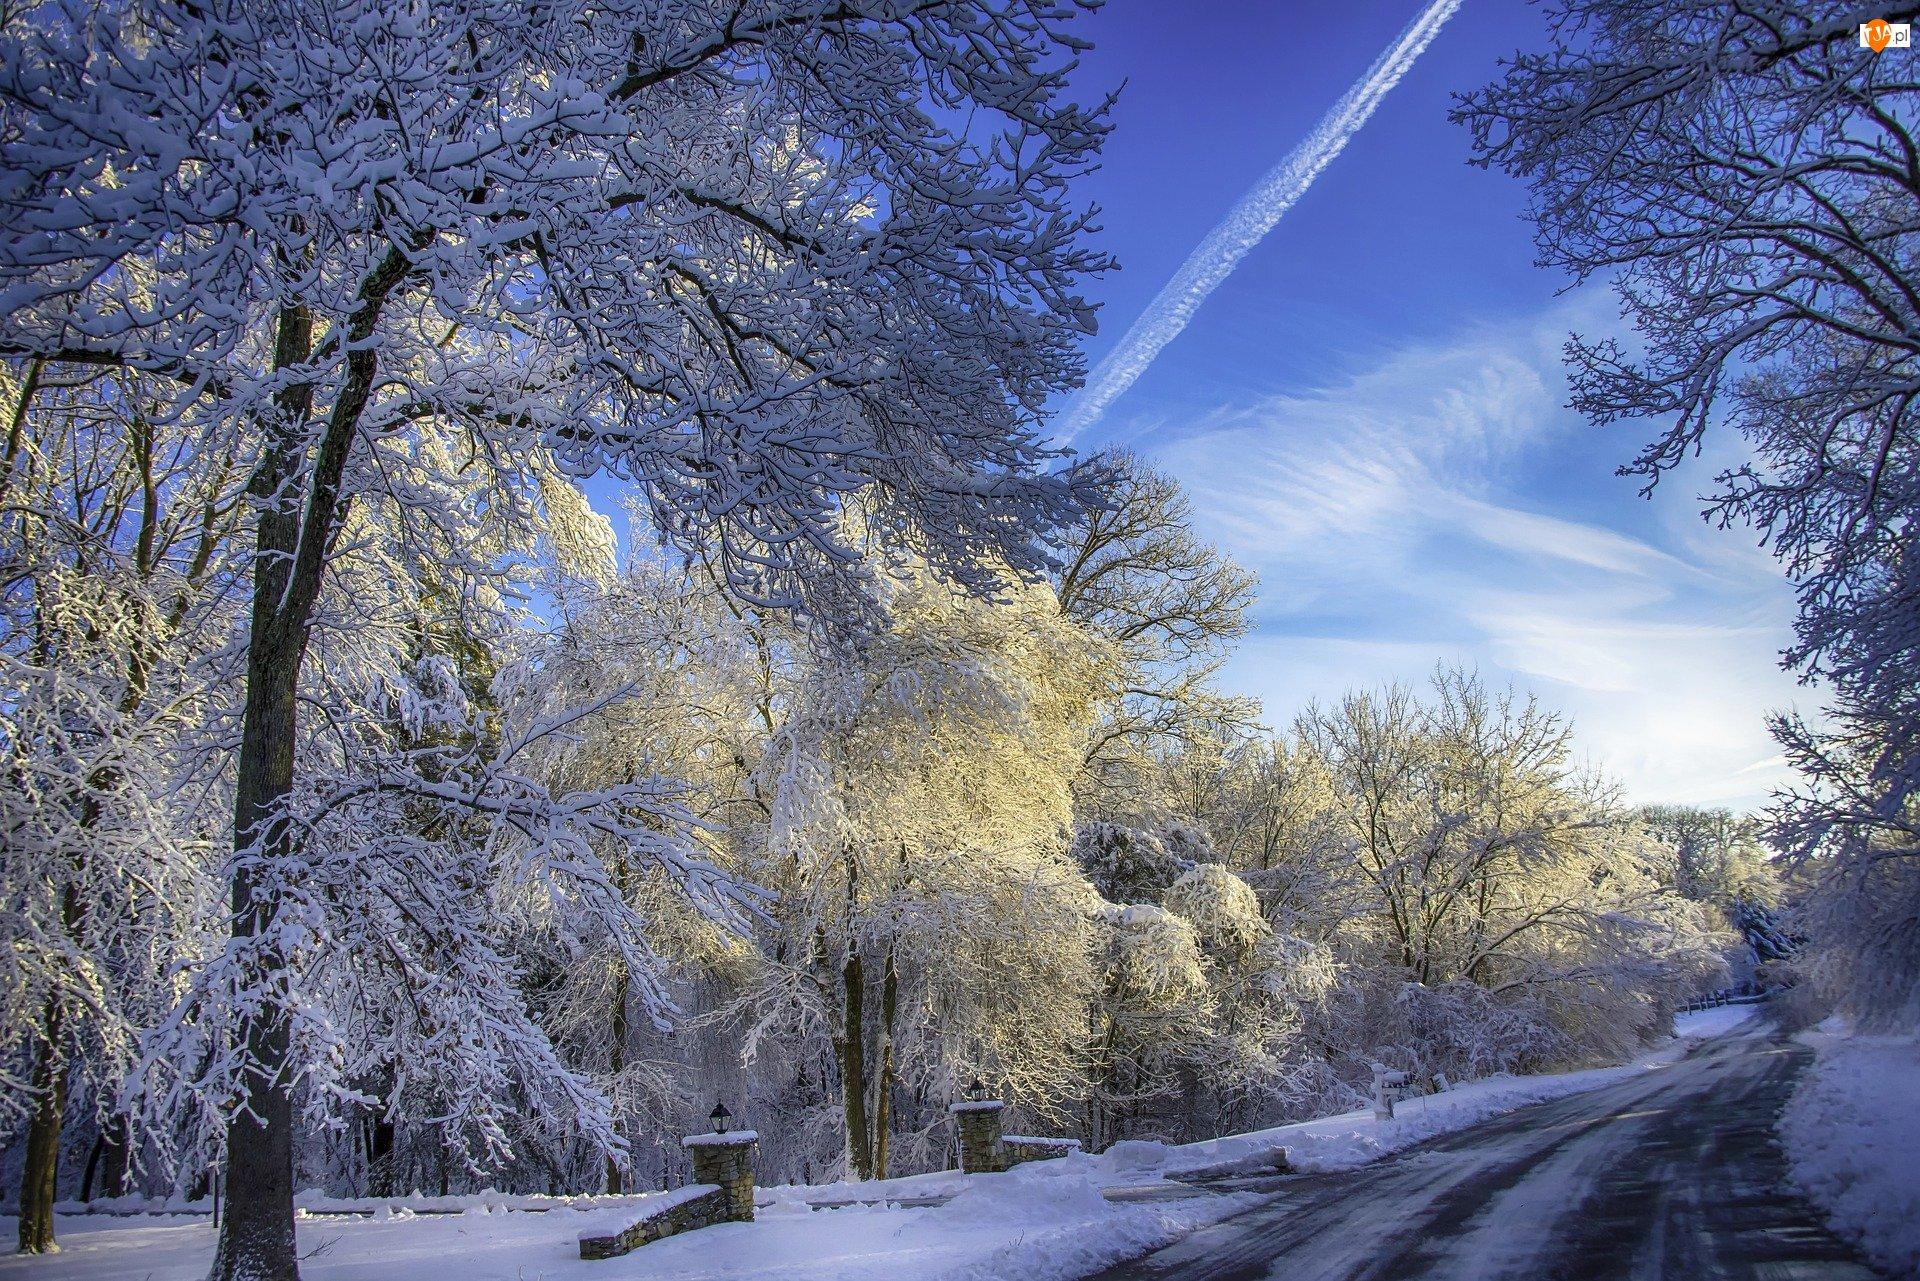 Ośnieżone, Drzewa, Droga, Zima, Gałęzie